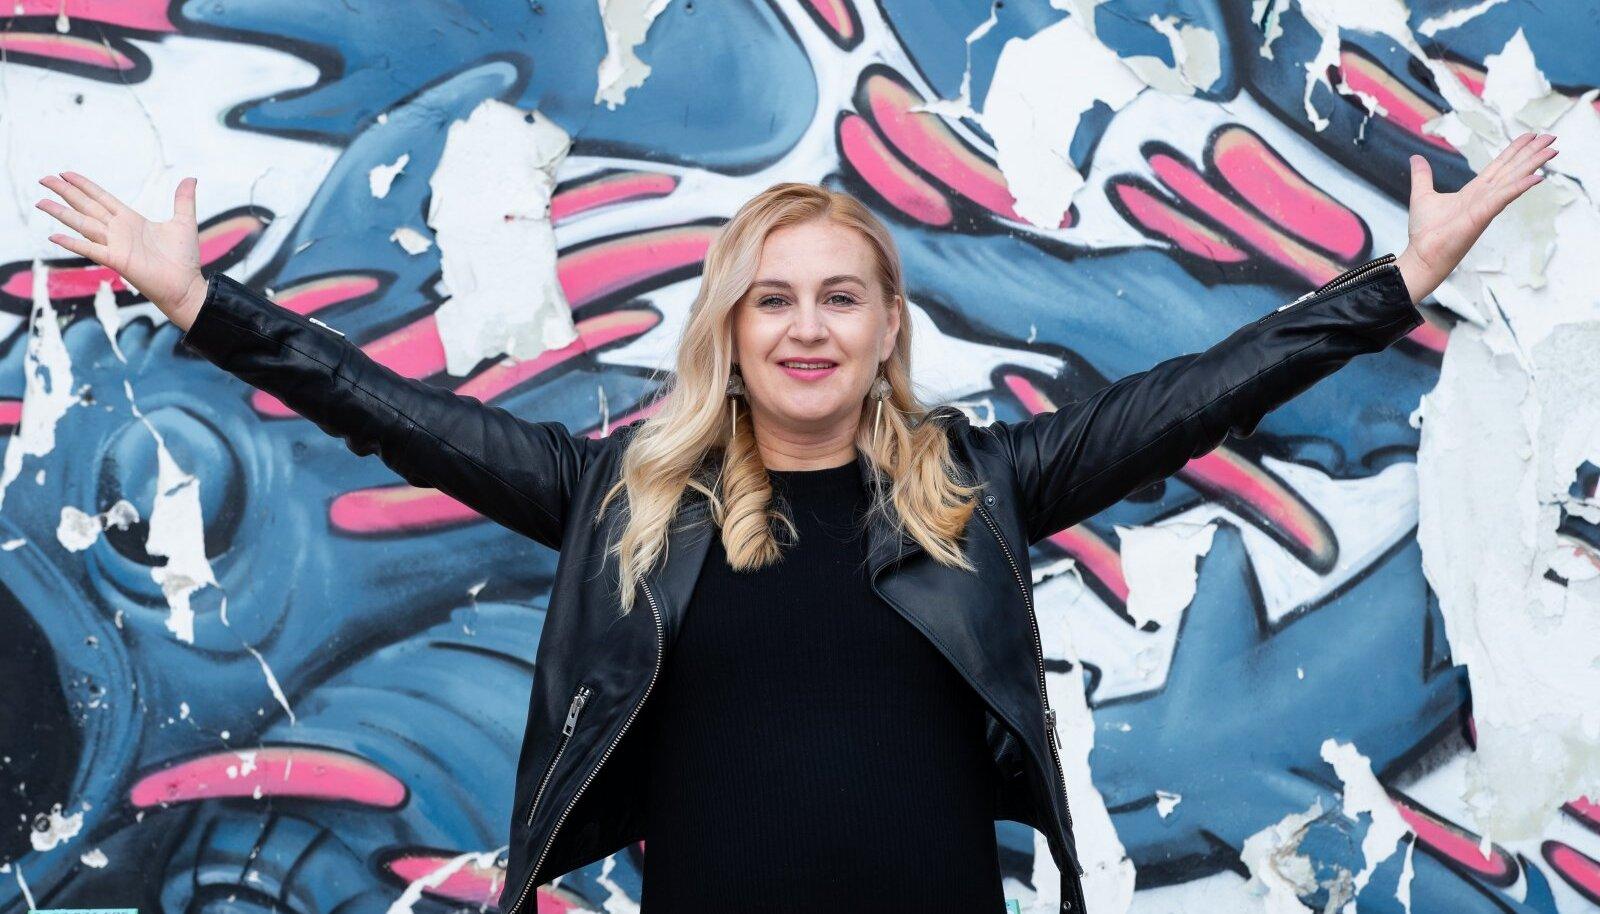 Startup Estonia juhi Maarika Truu sõnul on eesmärk laiendada iduettevõtlikku mõtteviisi ja julgustada eri alade inimesi, ka üle 50-aastaseid, idufirmade maailma tulema.